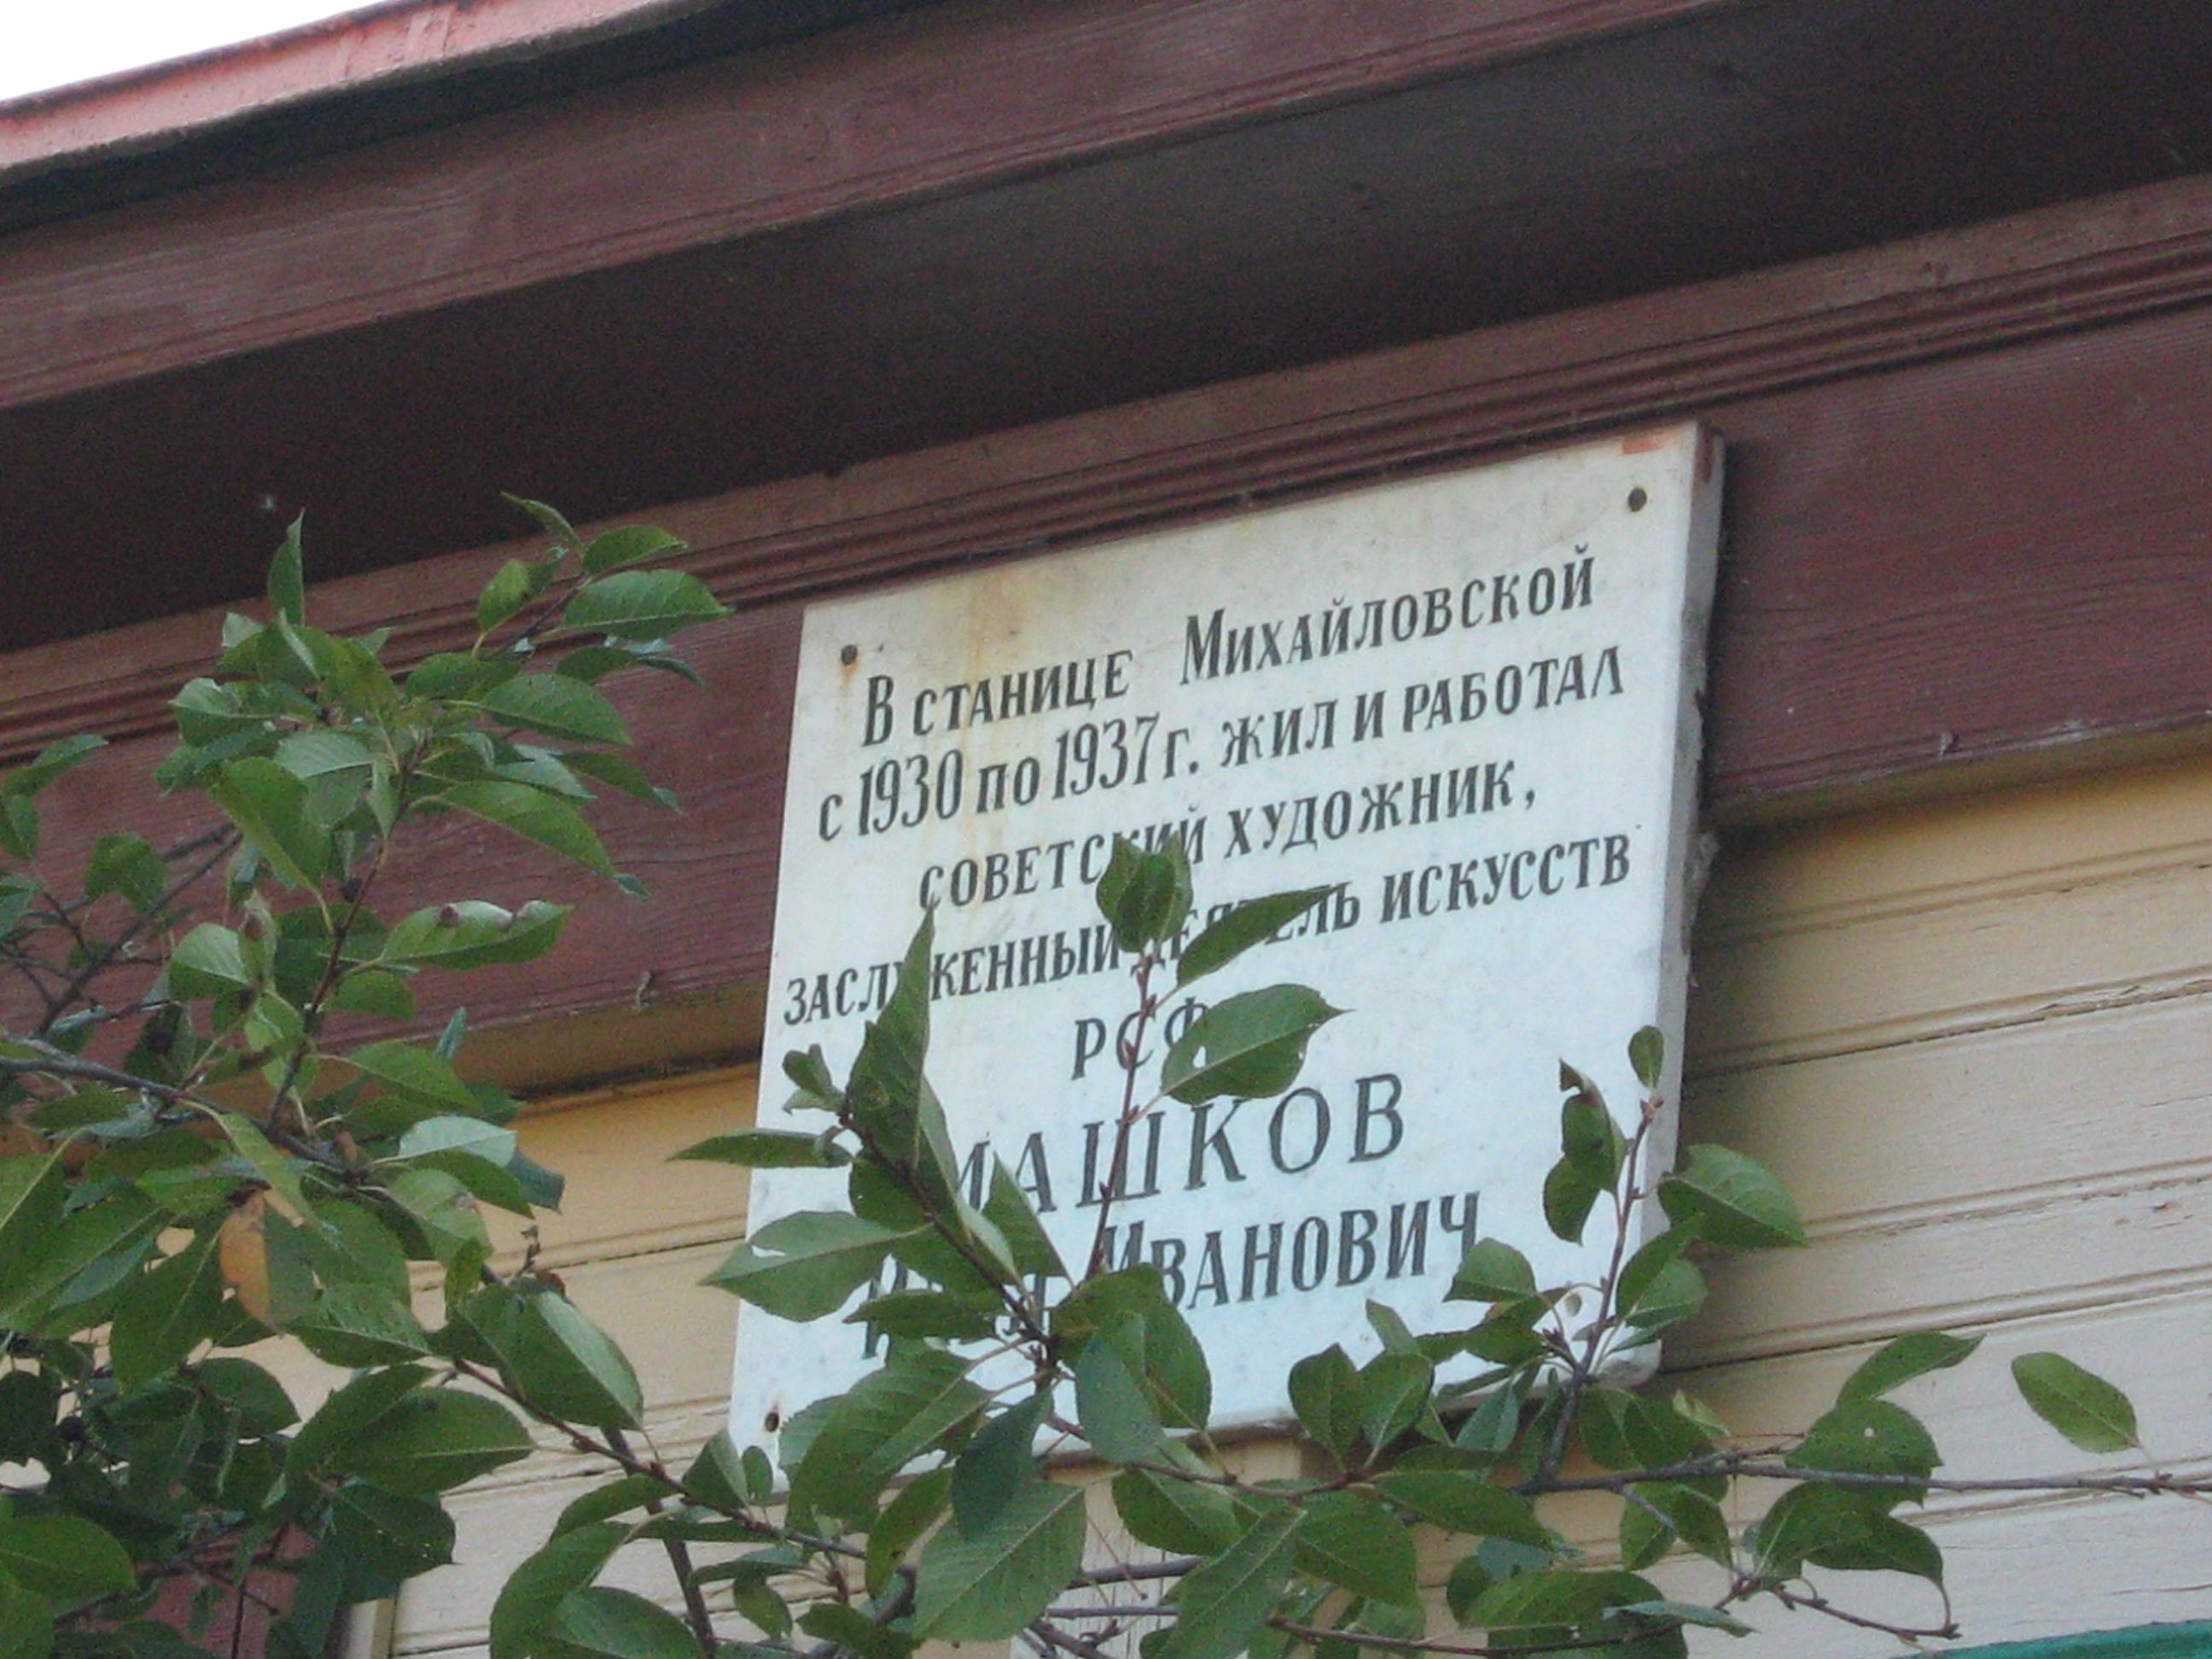 Станица, где родился и жил художник, заслуженный деятель искусств РСФСР Машков Илья Иванович